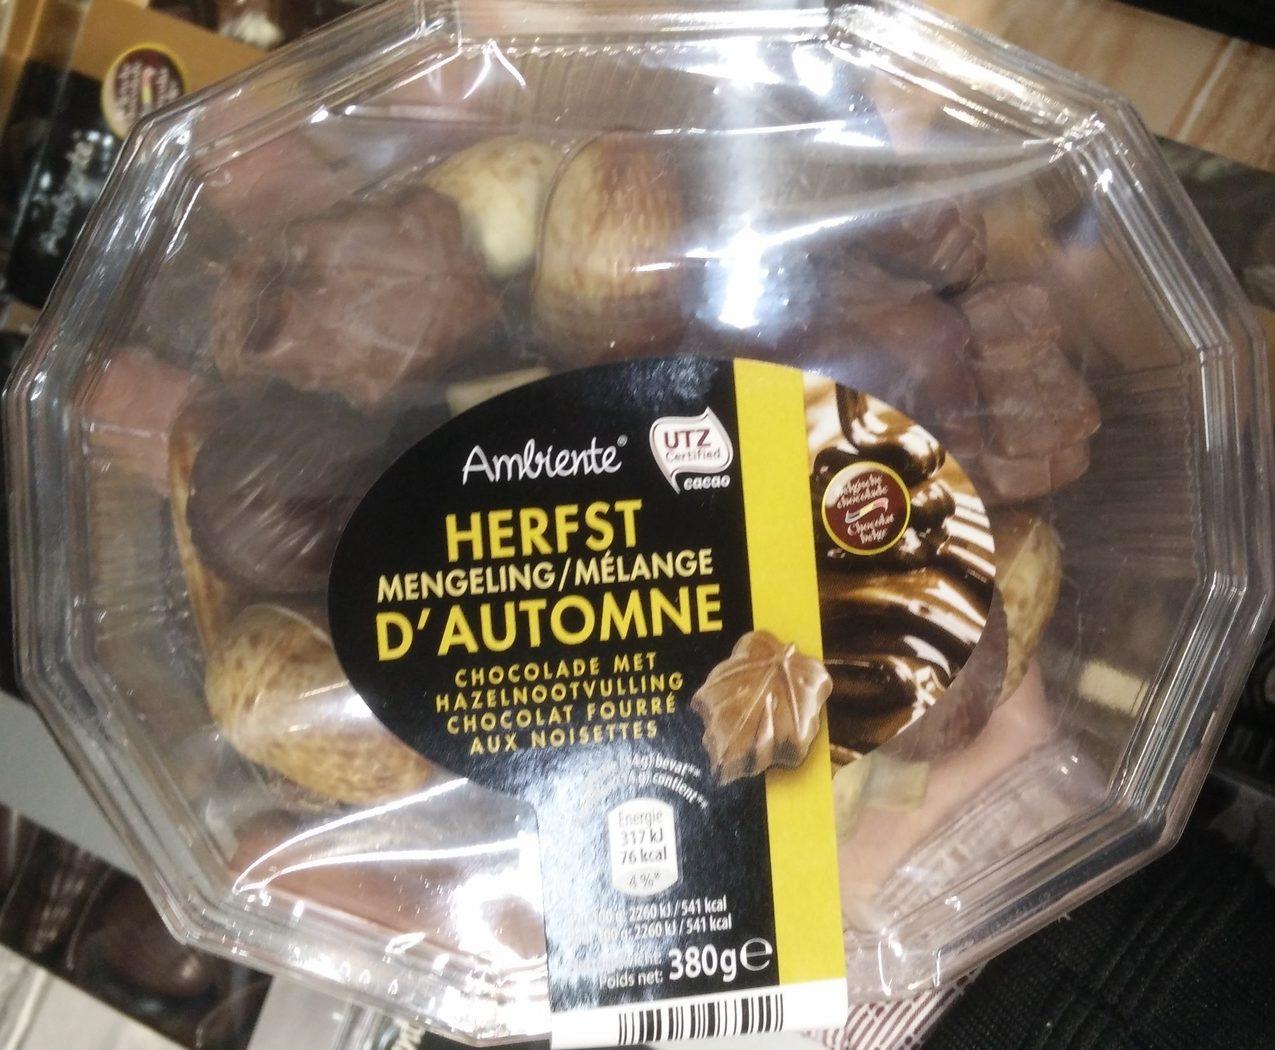 Chocolat fourré aux noisettes - Product